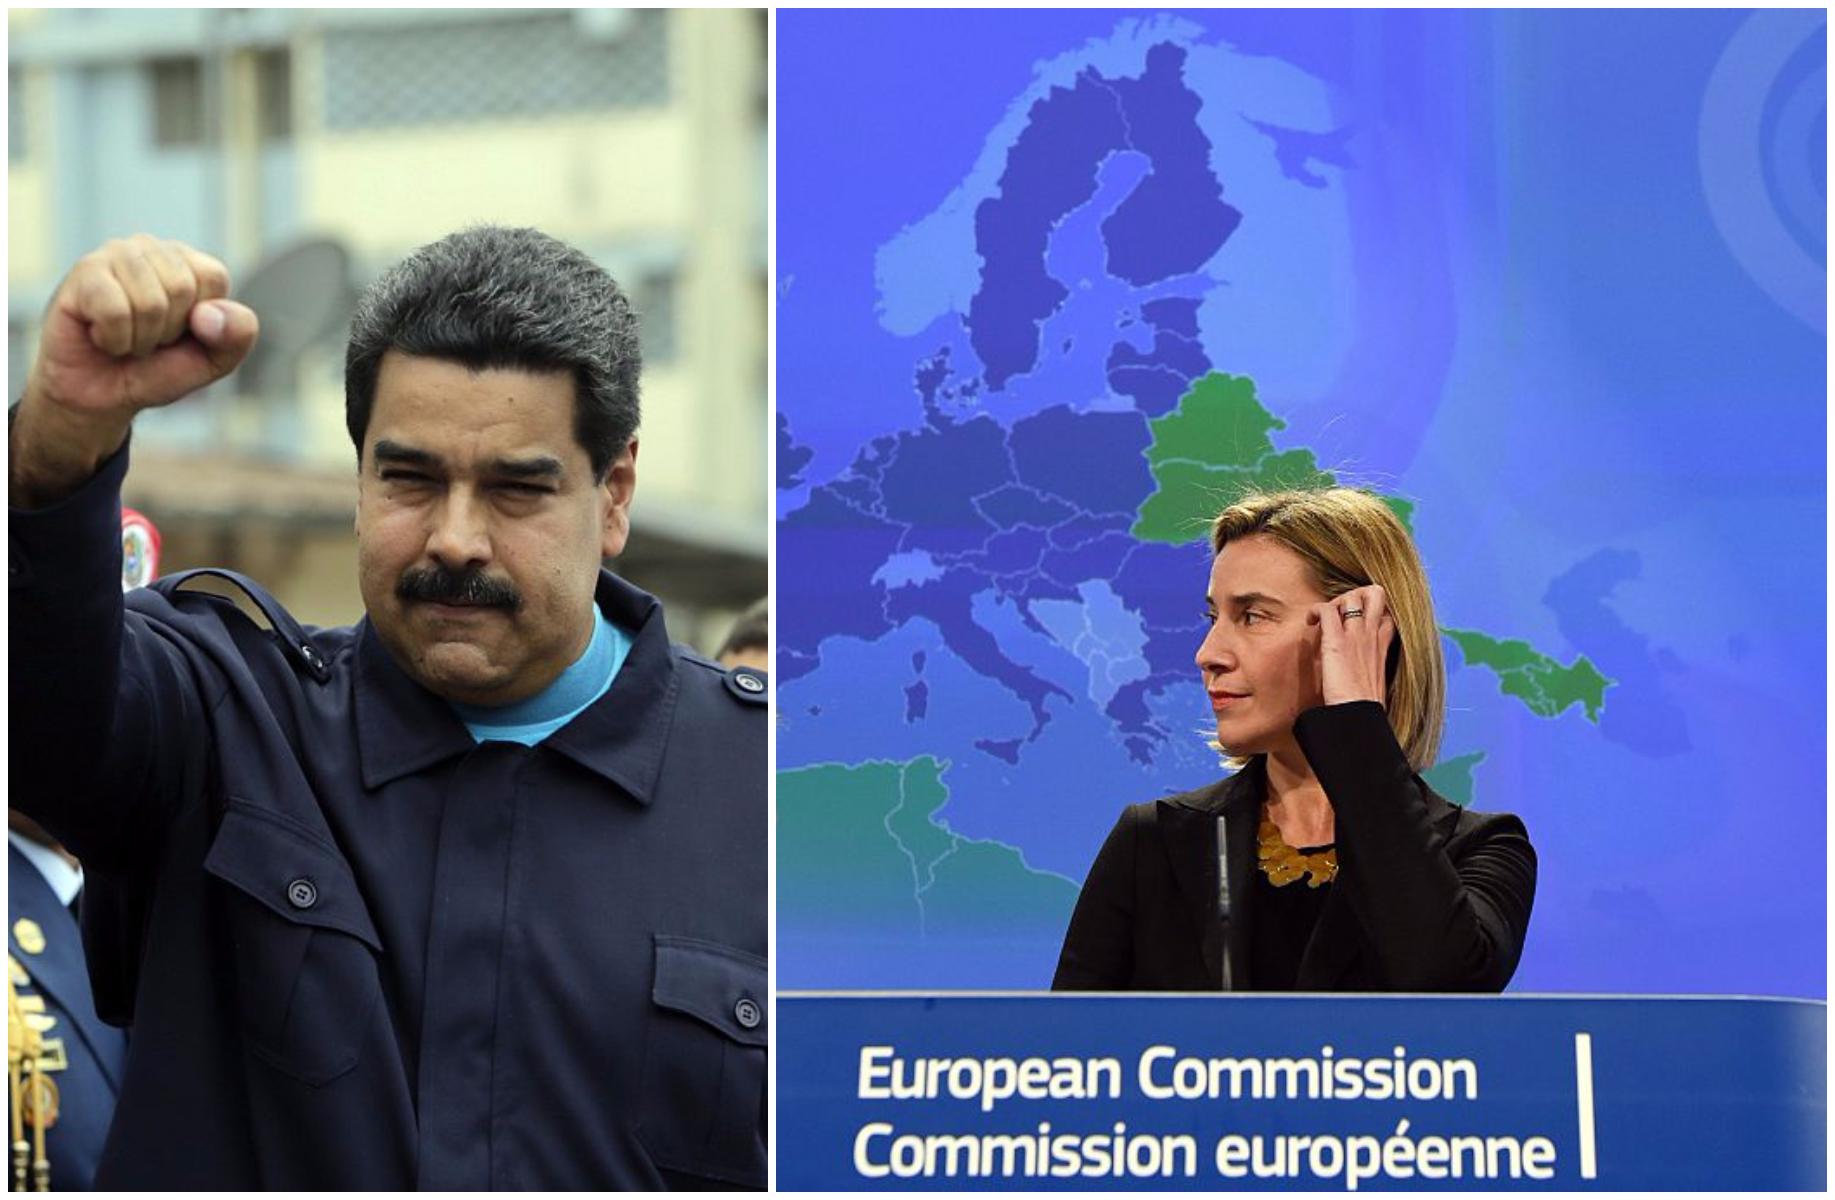 La UE adopta sanciones contra el gobierno de Maduro en respuesta a represión